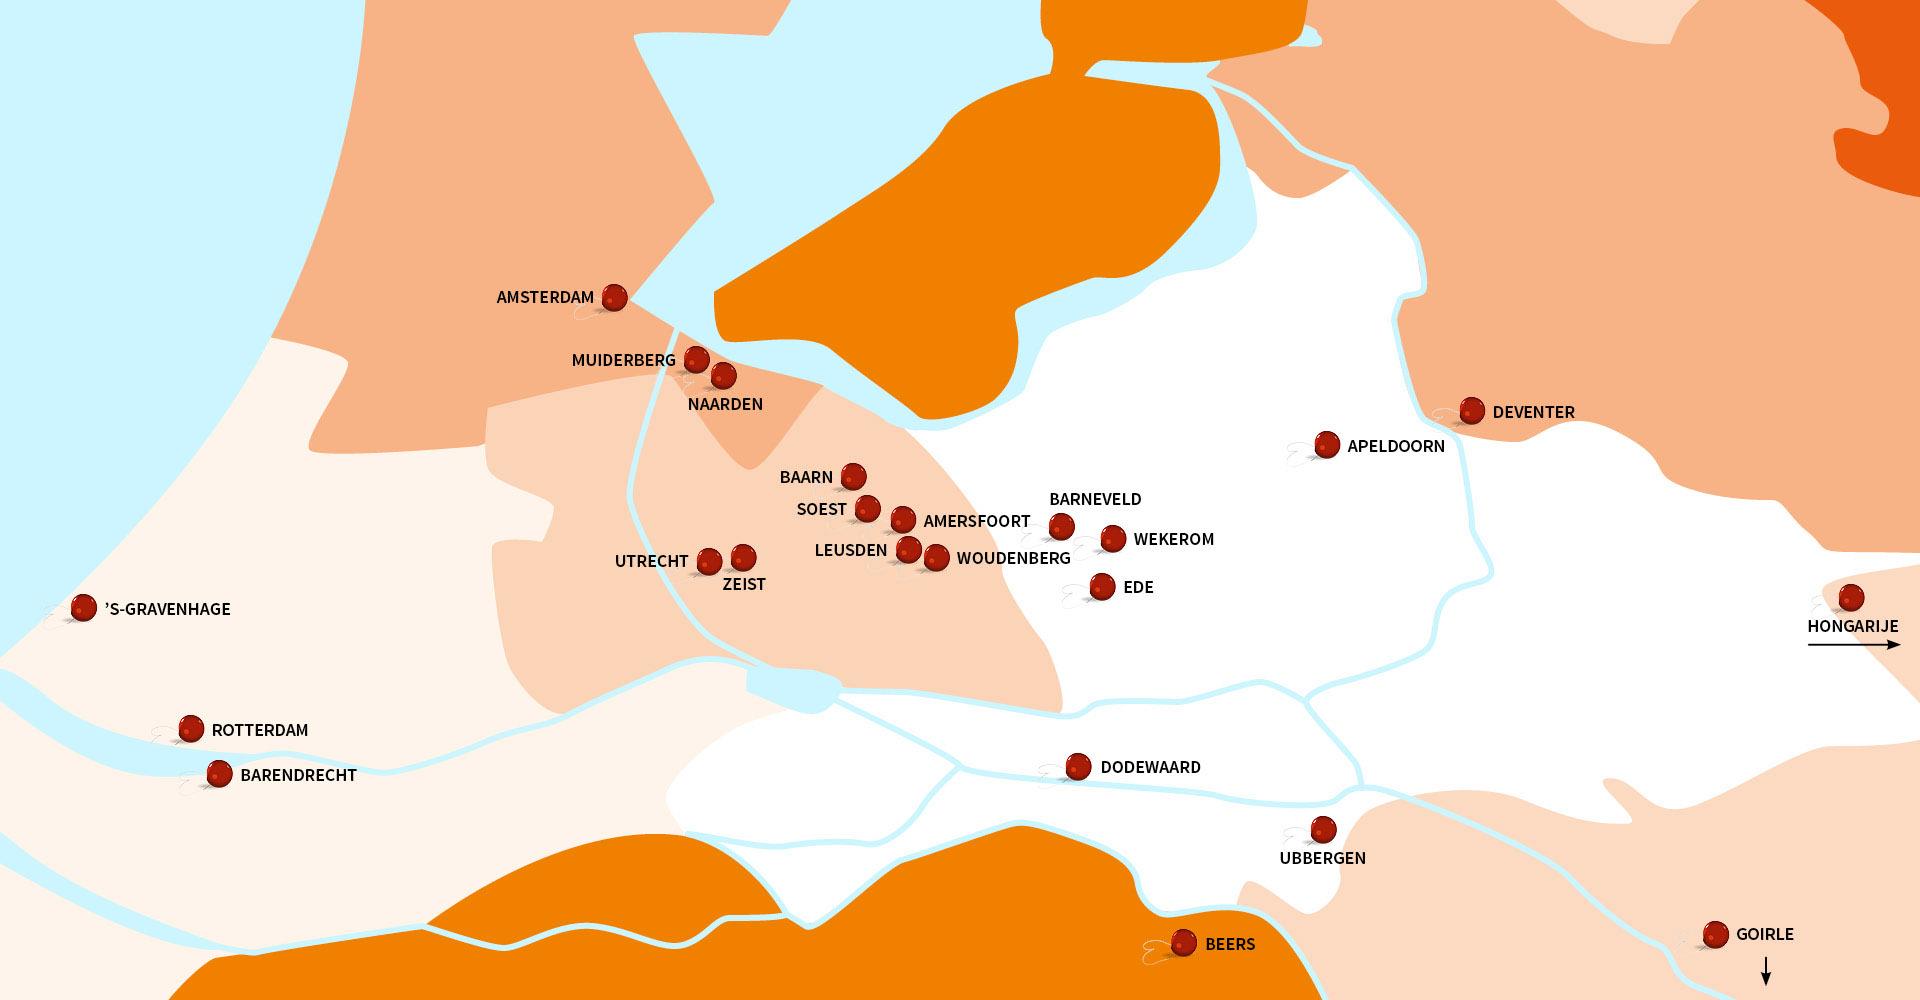 Waar was Bakkie van www.neusvoorcontact.nl Utrecht,Den Haag,Rotterdam,Barendrecht,Muiderberg,Naarden,Zeist,Baarn,Soest,Leusden,Amersfoort,Woudenberg,Barneveld,Wekerom,Ede,Dodewaard,Ubbergen,Beers,Apeldoorn,Deventer,Goirle,Amsterdam, De Bilt, Bilthoven